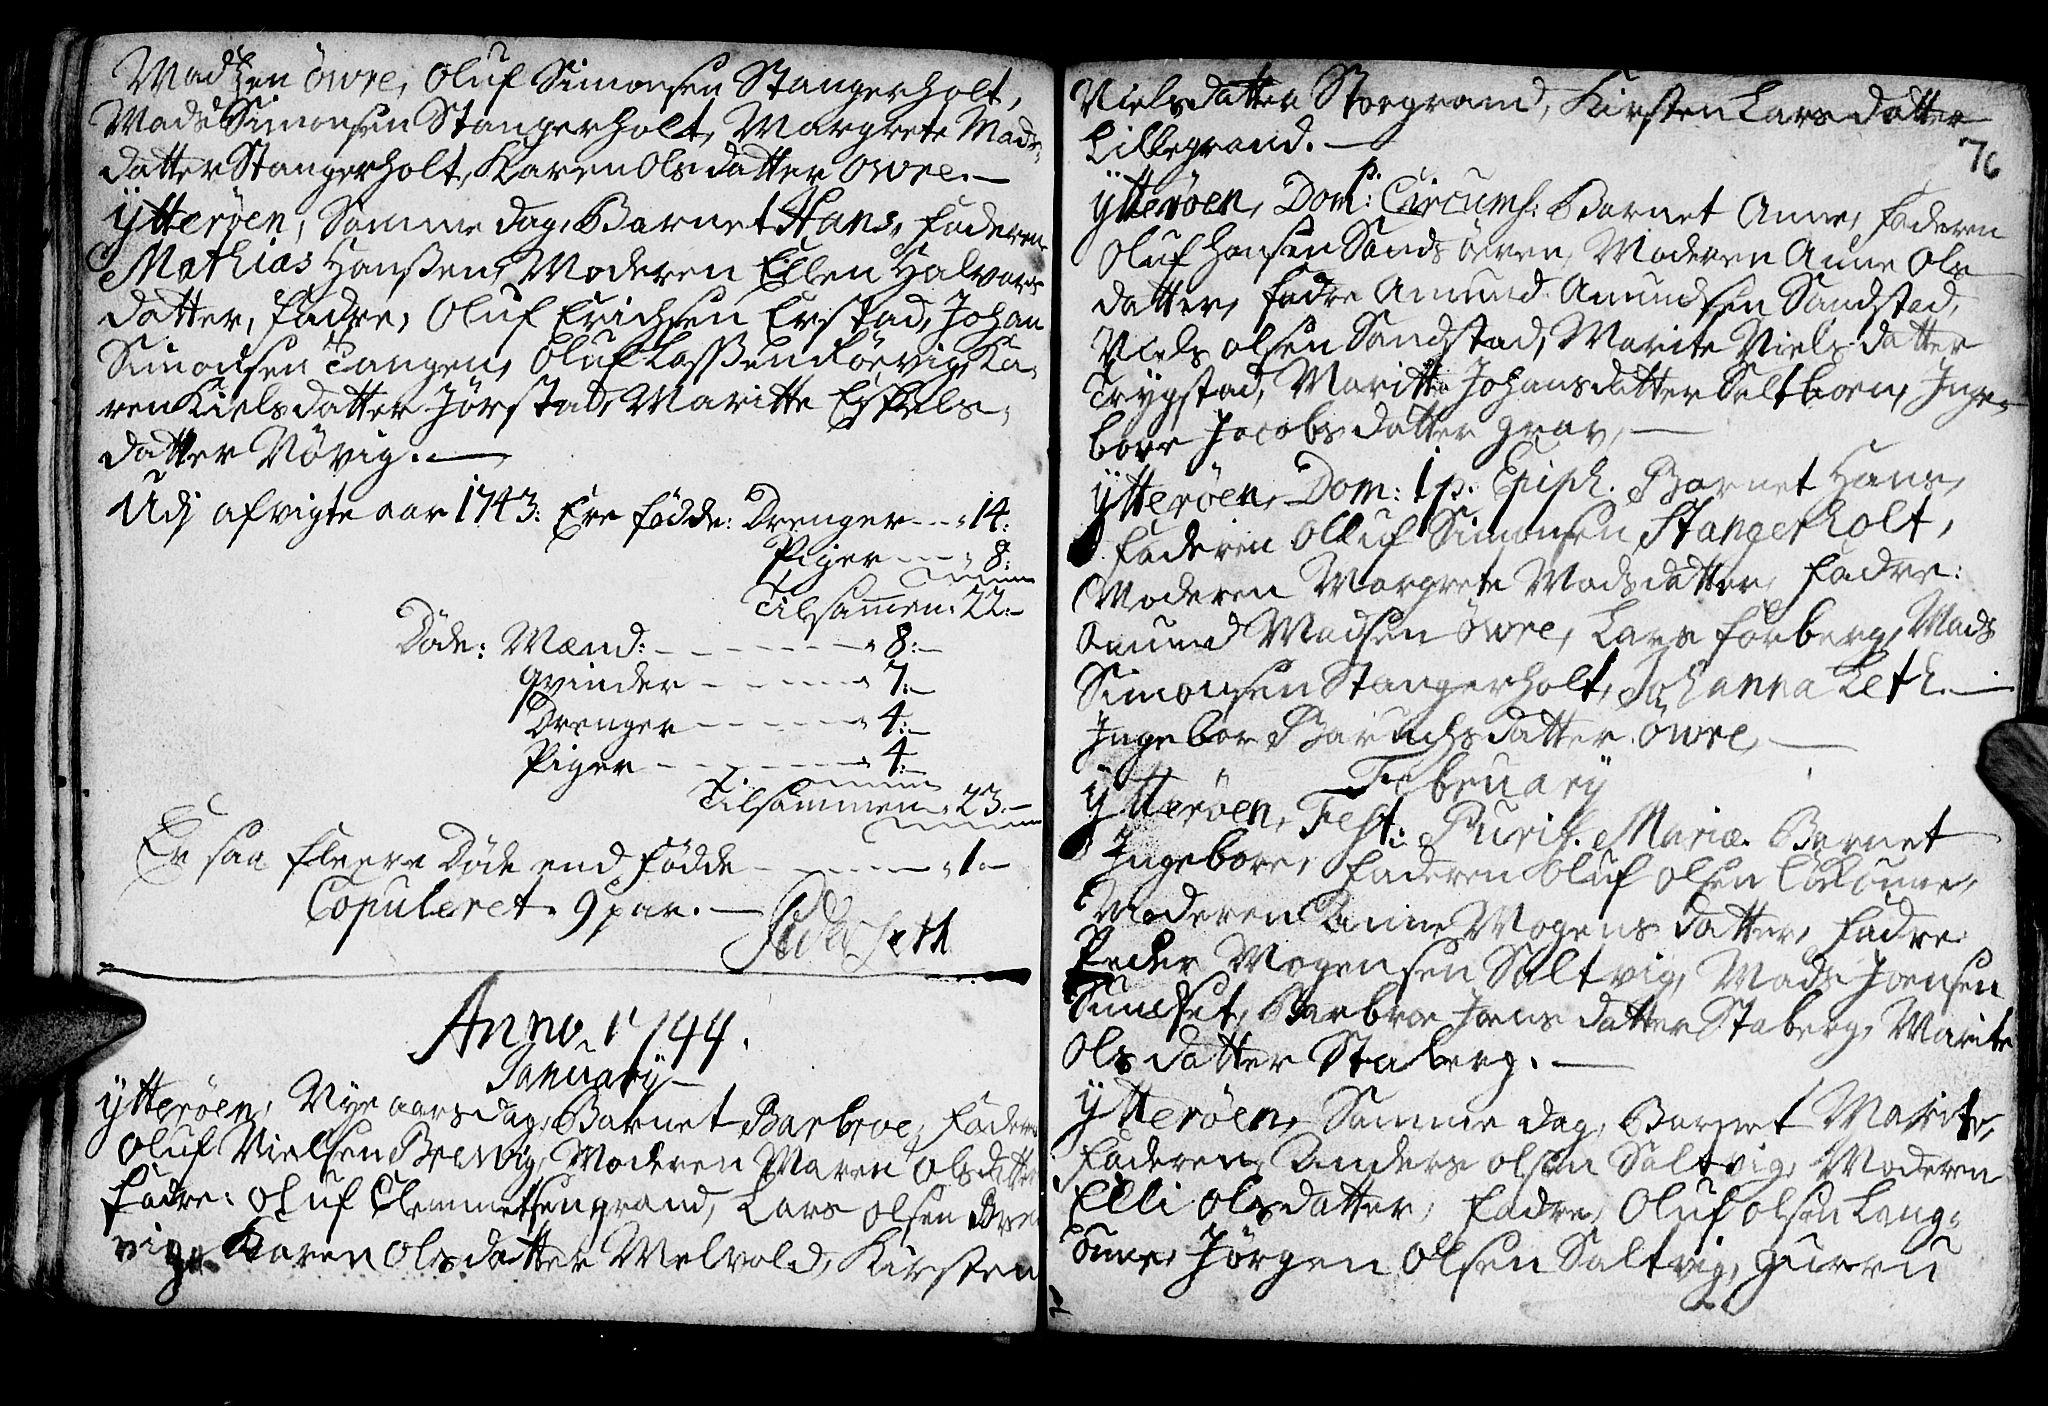 SAT, Ministerialprotokoller, klokkerbøker og fødselsregistre - Nord-Trøndelag, 722/L0215: Ministerialbok nr. 722A02, 1718-1755, s. 76